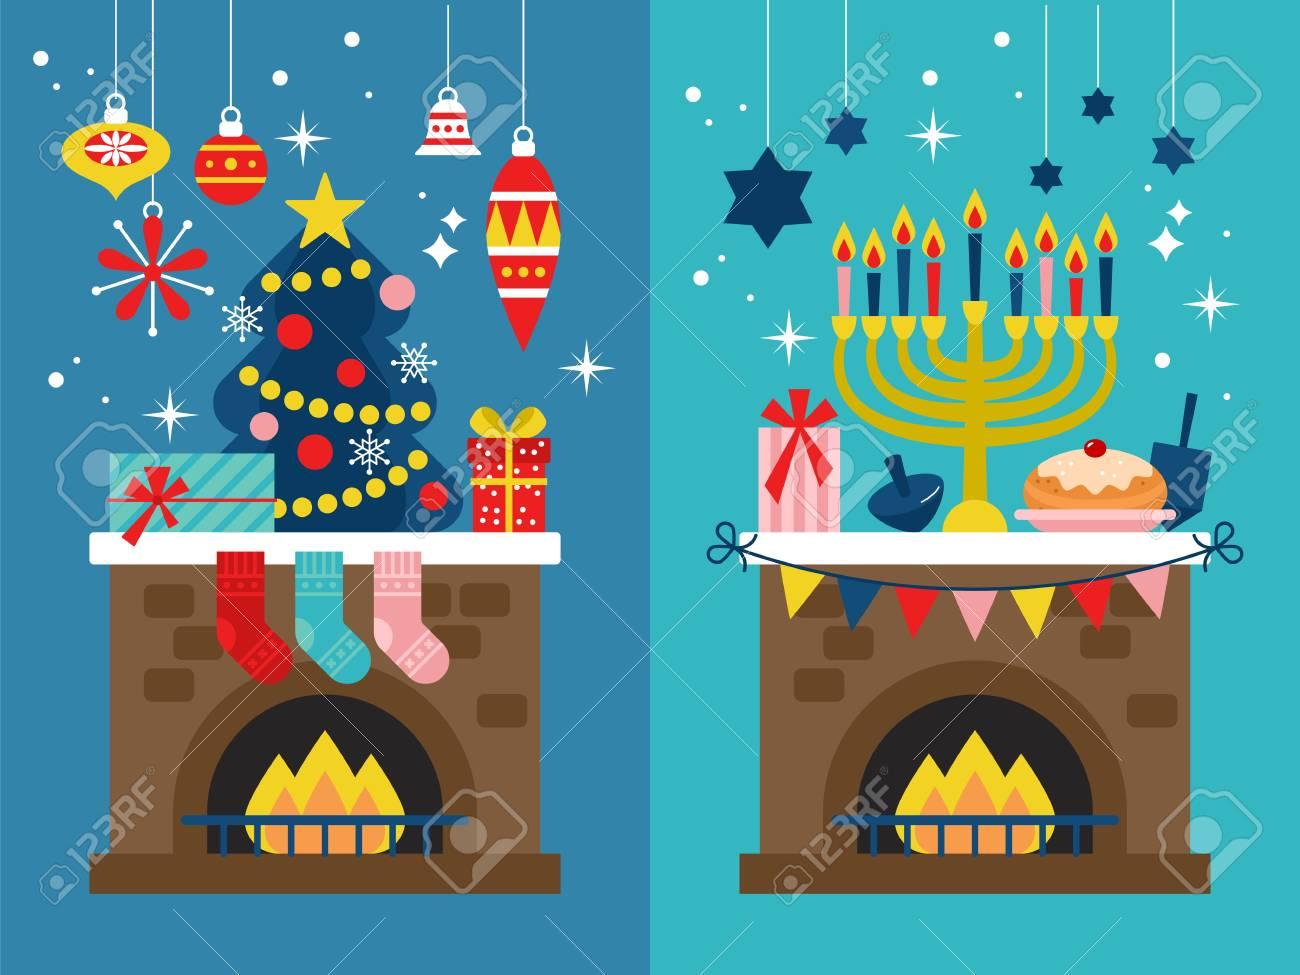 Christmas Hannakah.Christmas And Hanukkah Holiday Banner Design